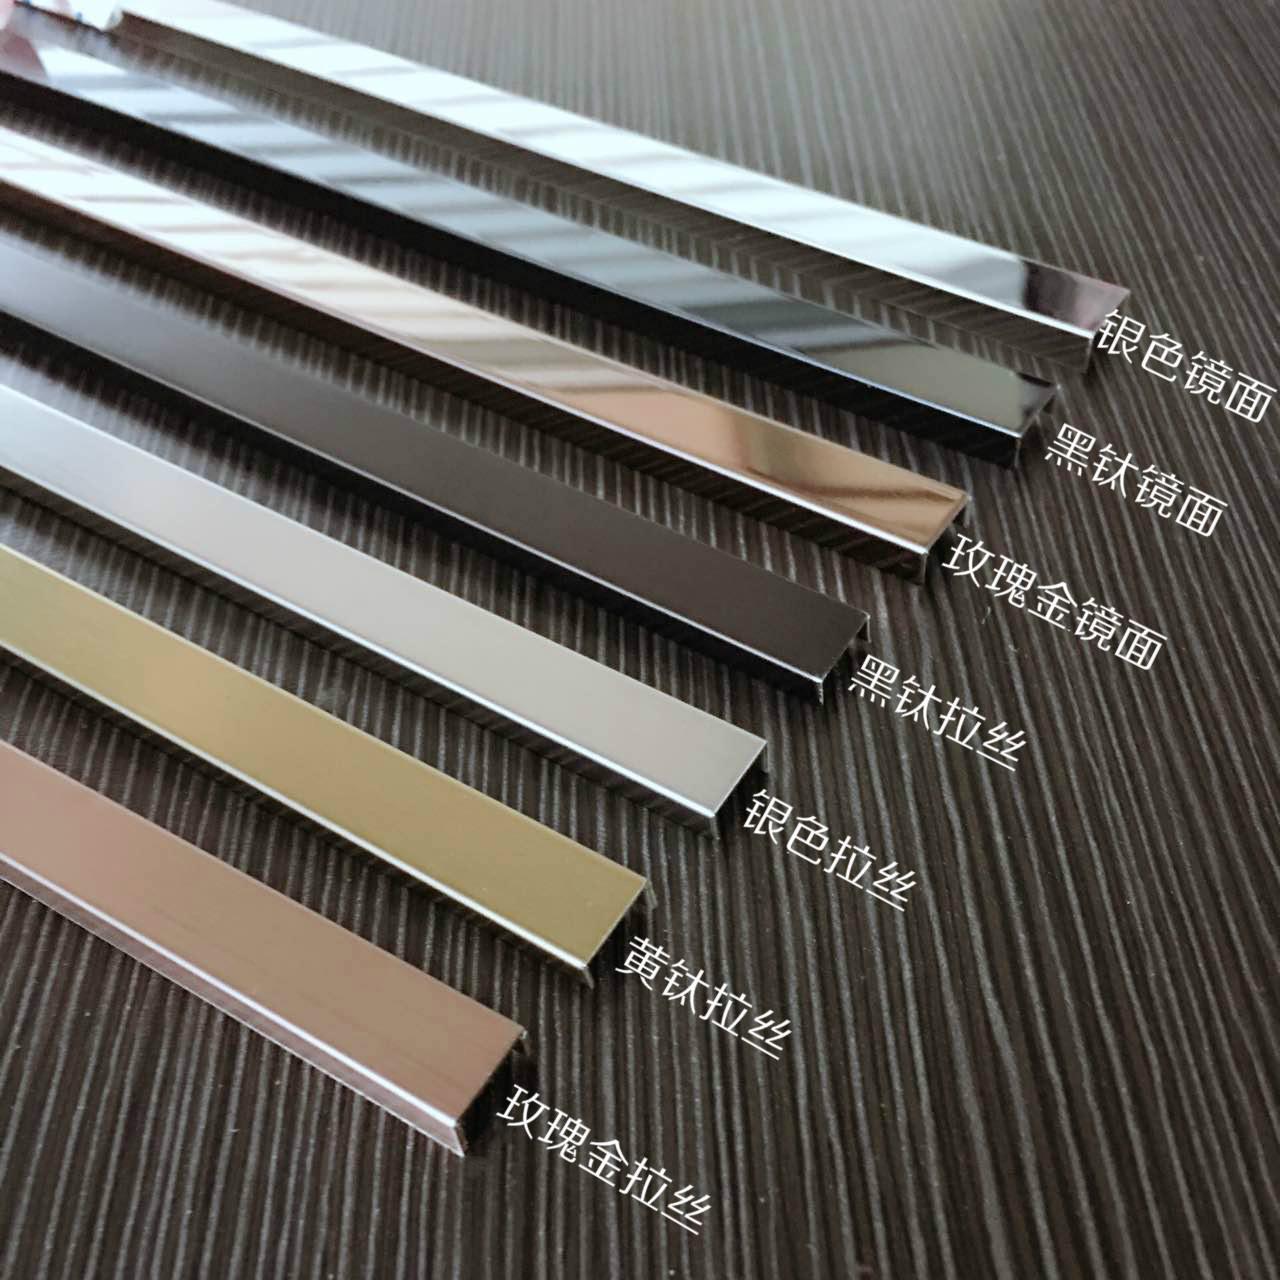 不锈钢装饰条 不锈钢线条  玫瑰金不锈钢地脚线厂家价格